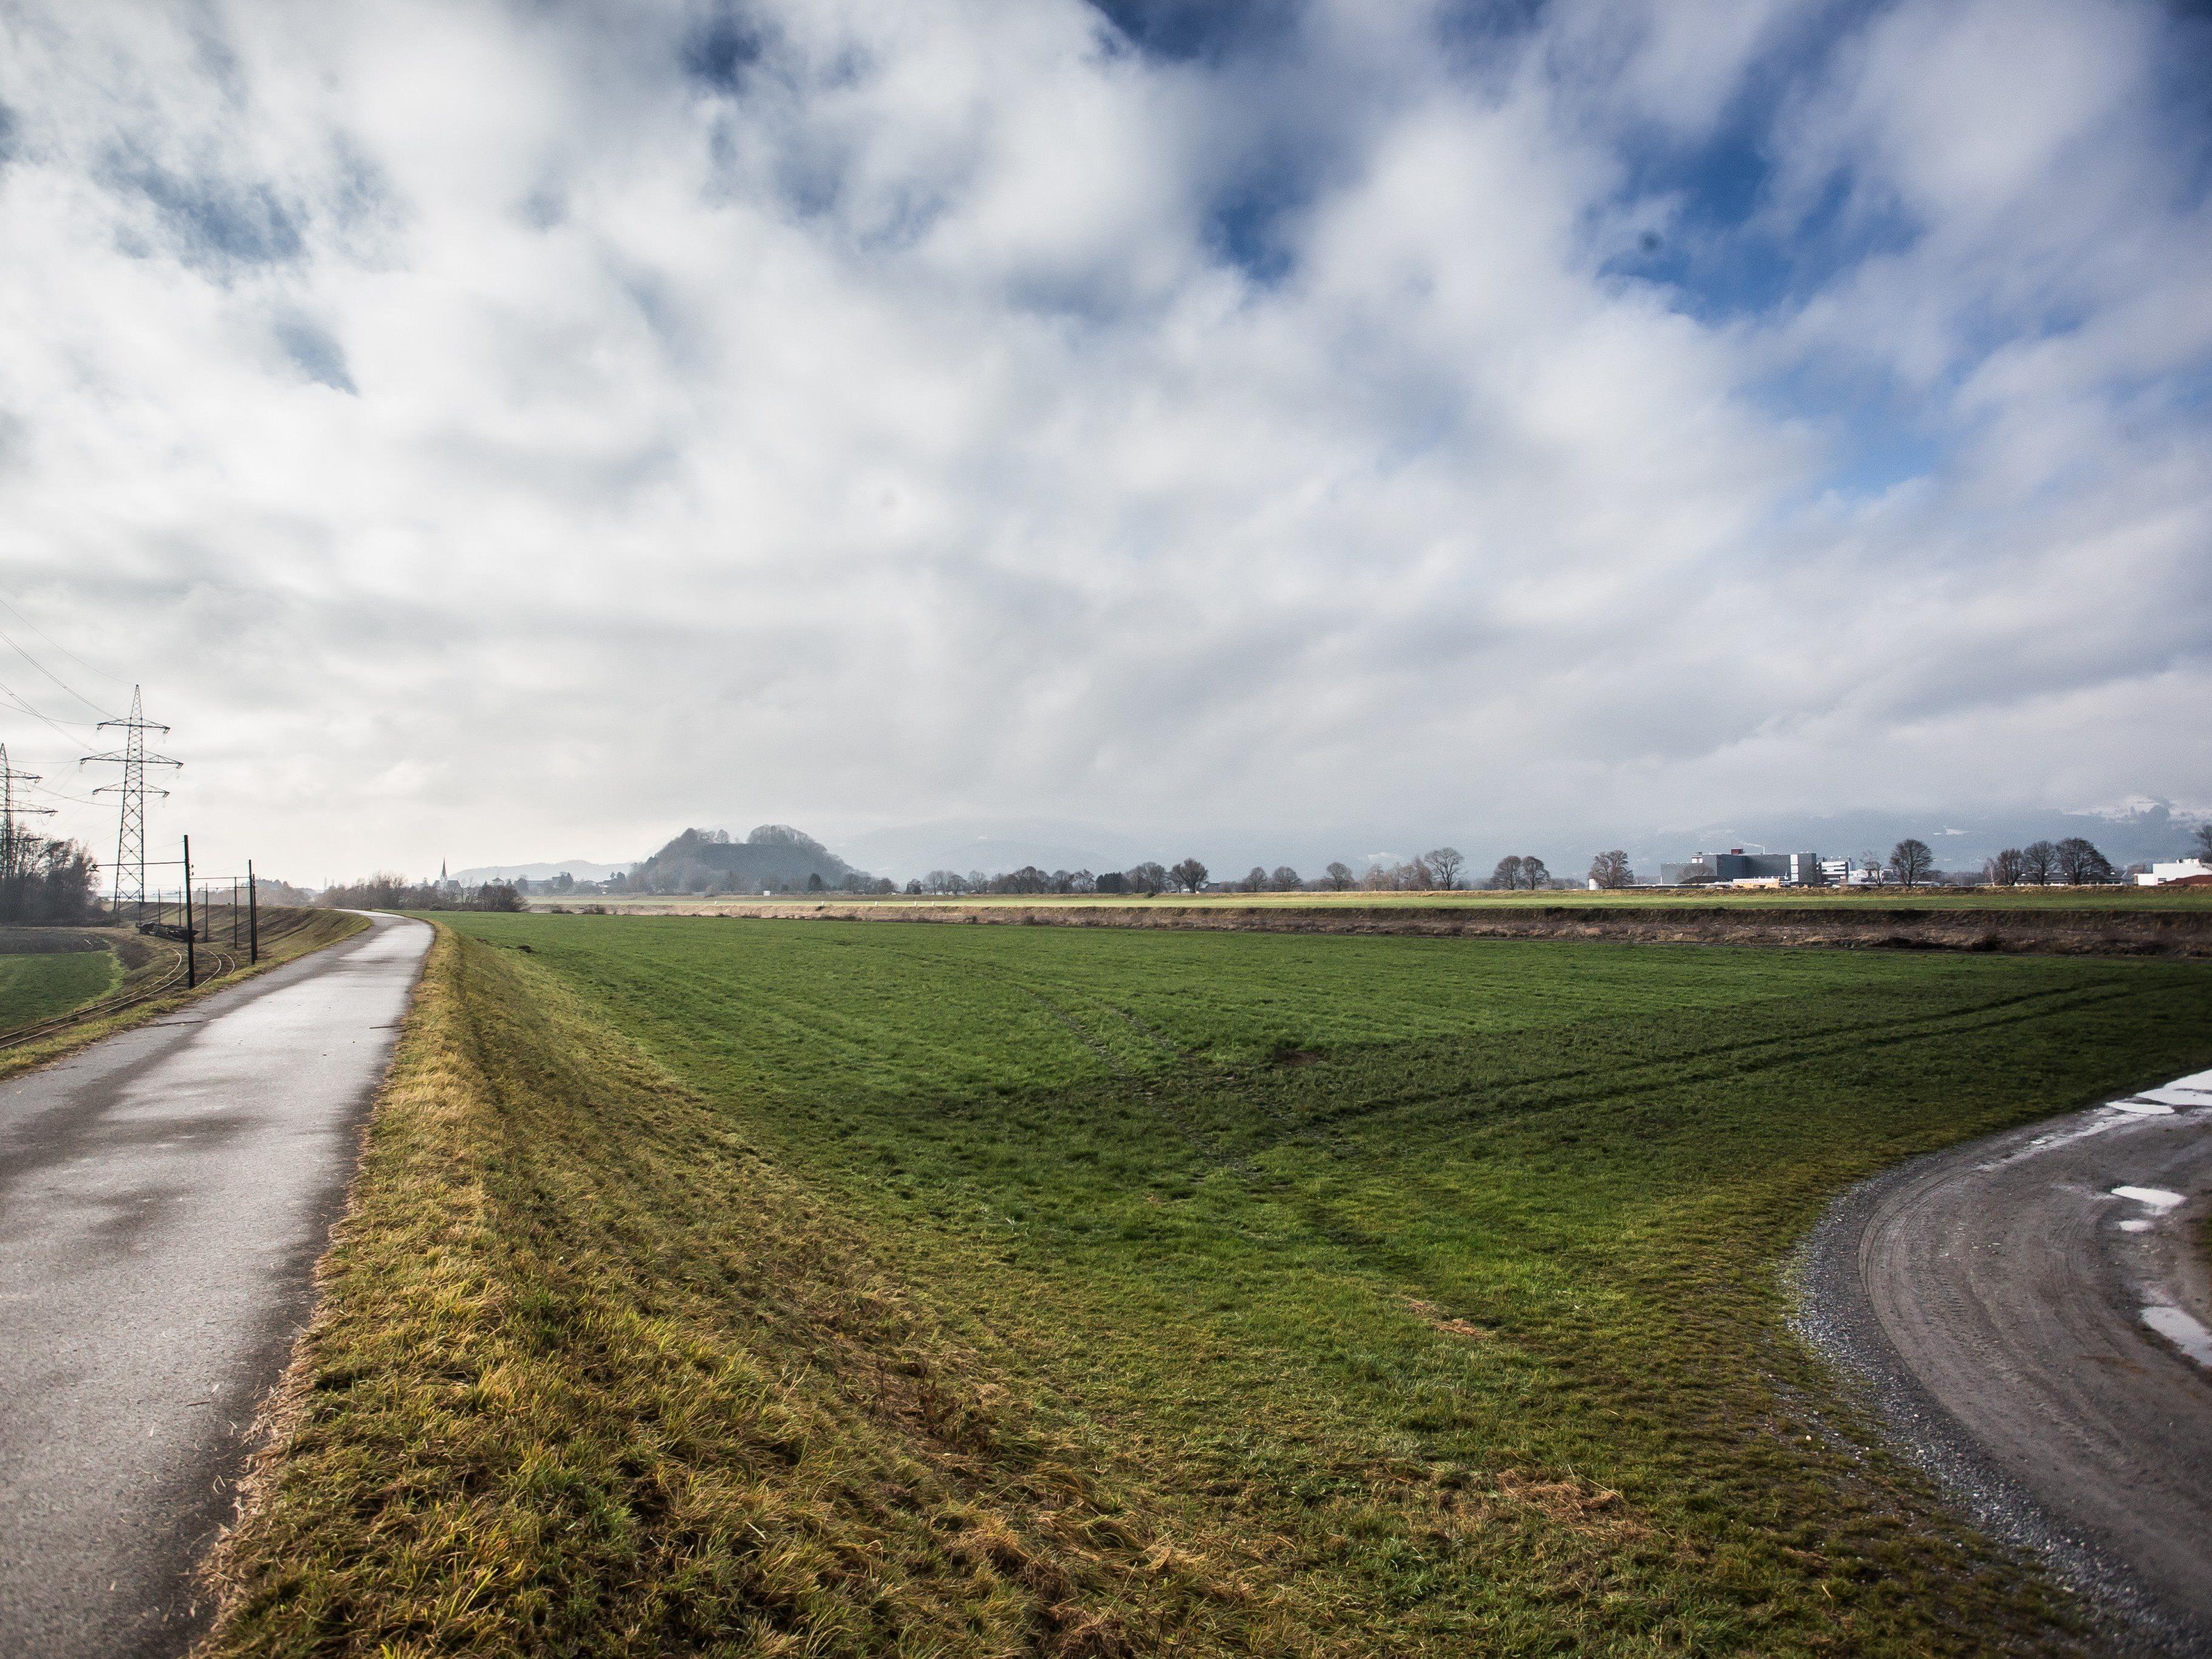 Das Hochwasserschutzprojekt RHESI ist umstritten.